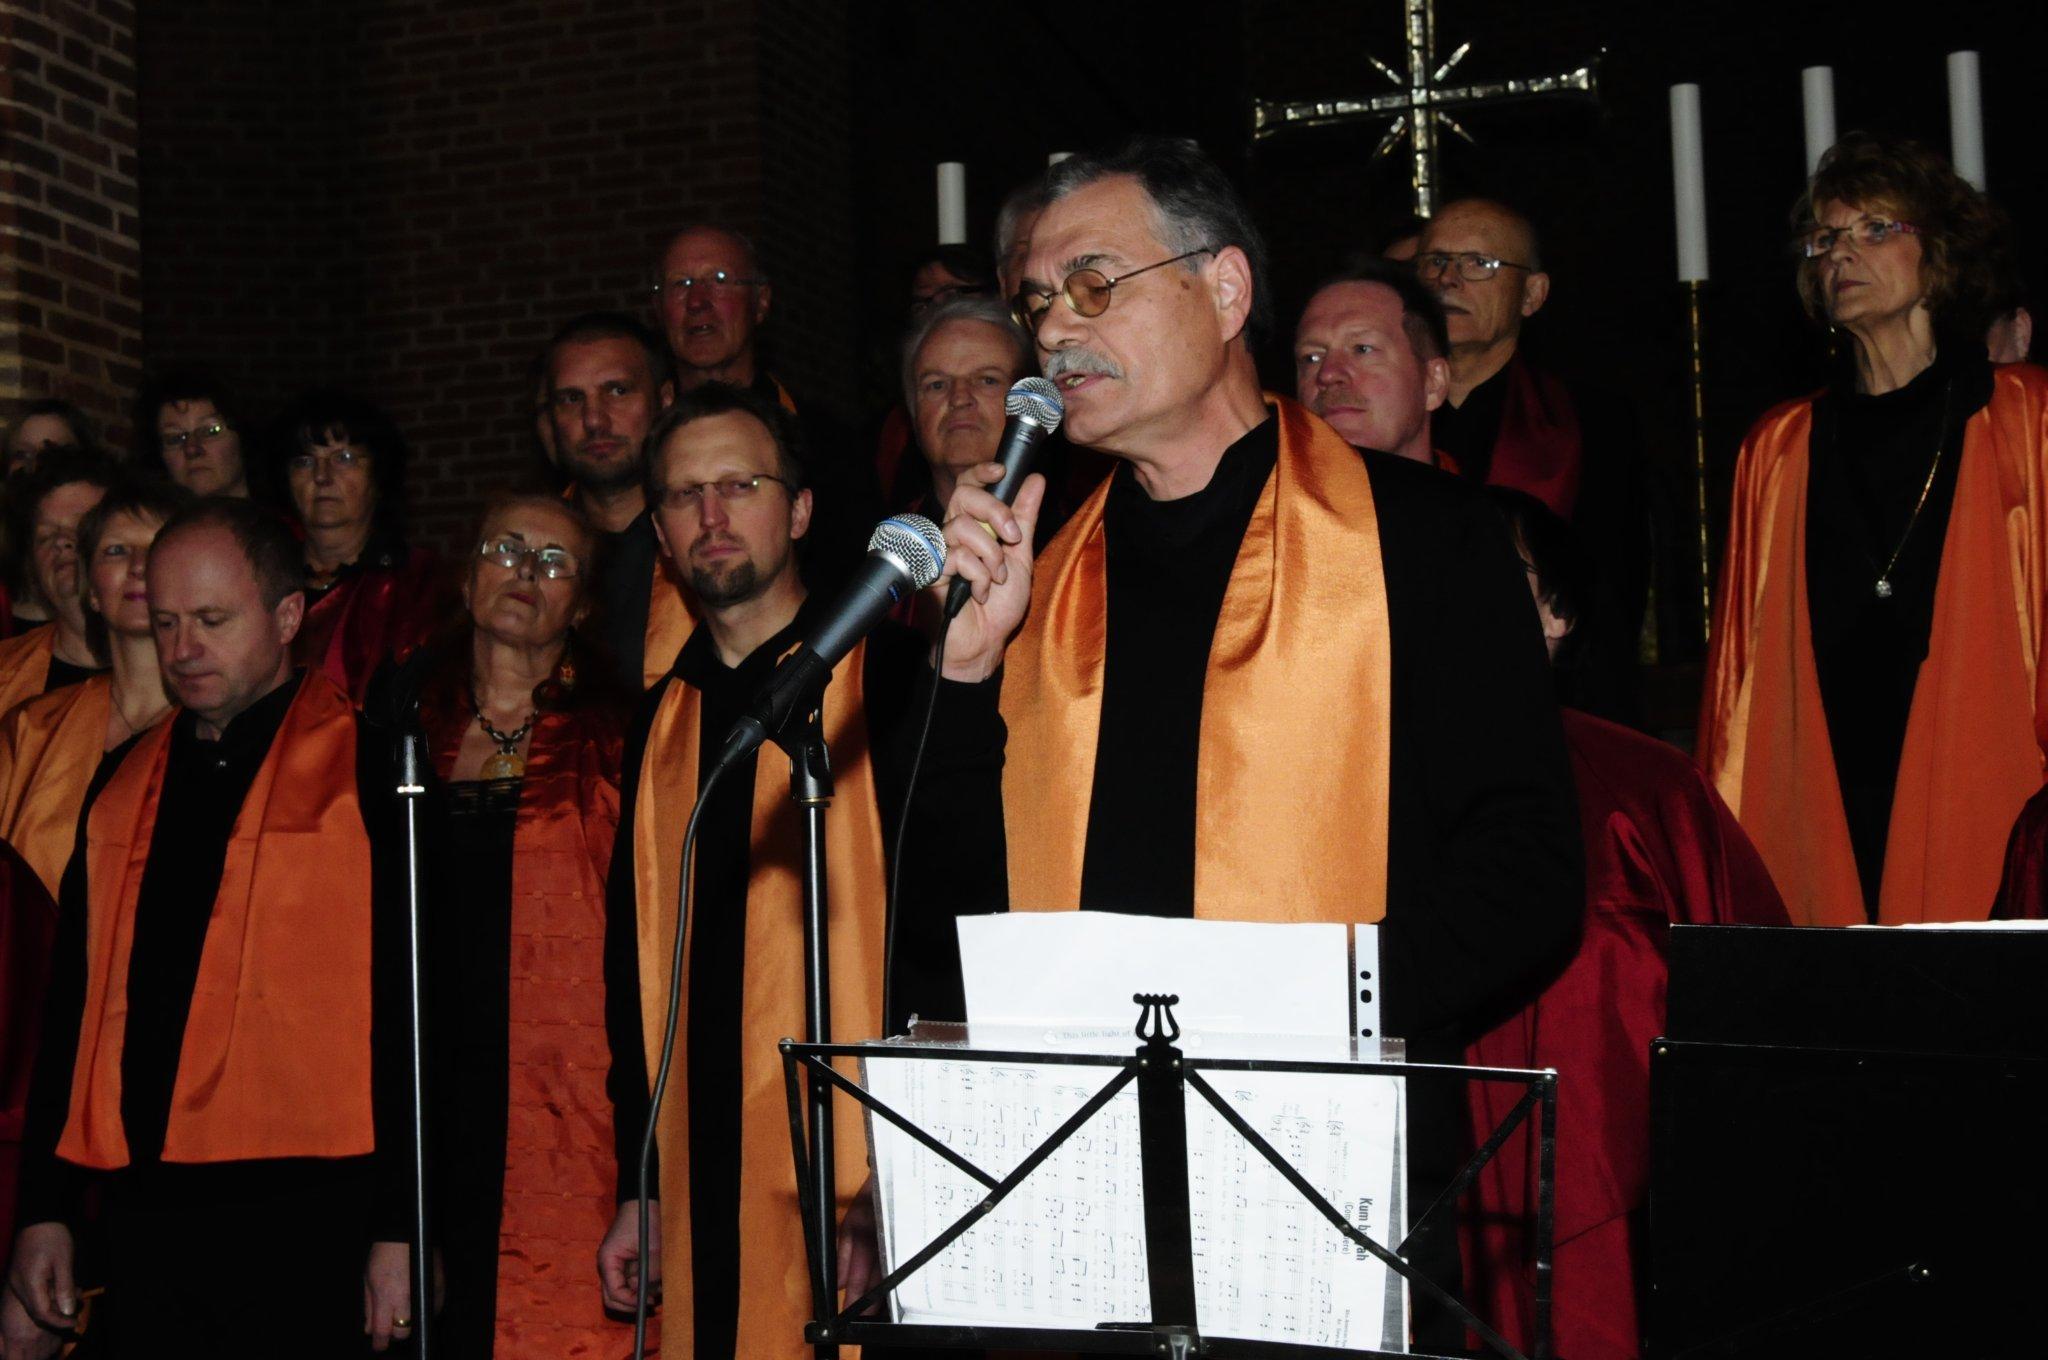 20120422 Reformations Gedaechtniskirche 36